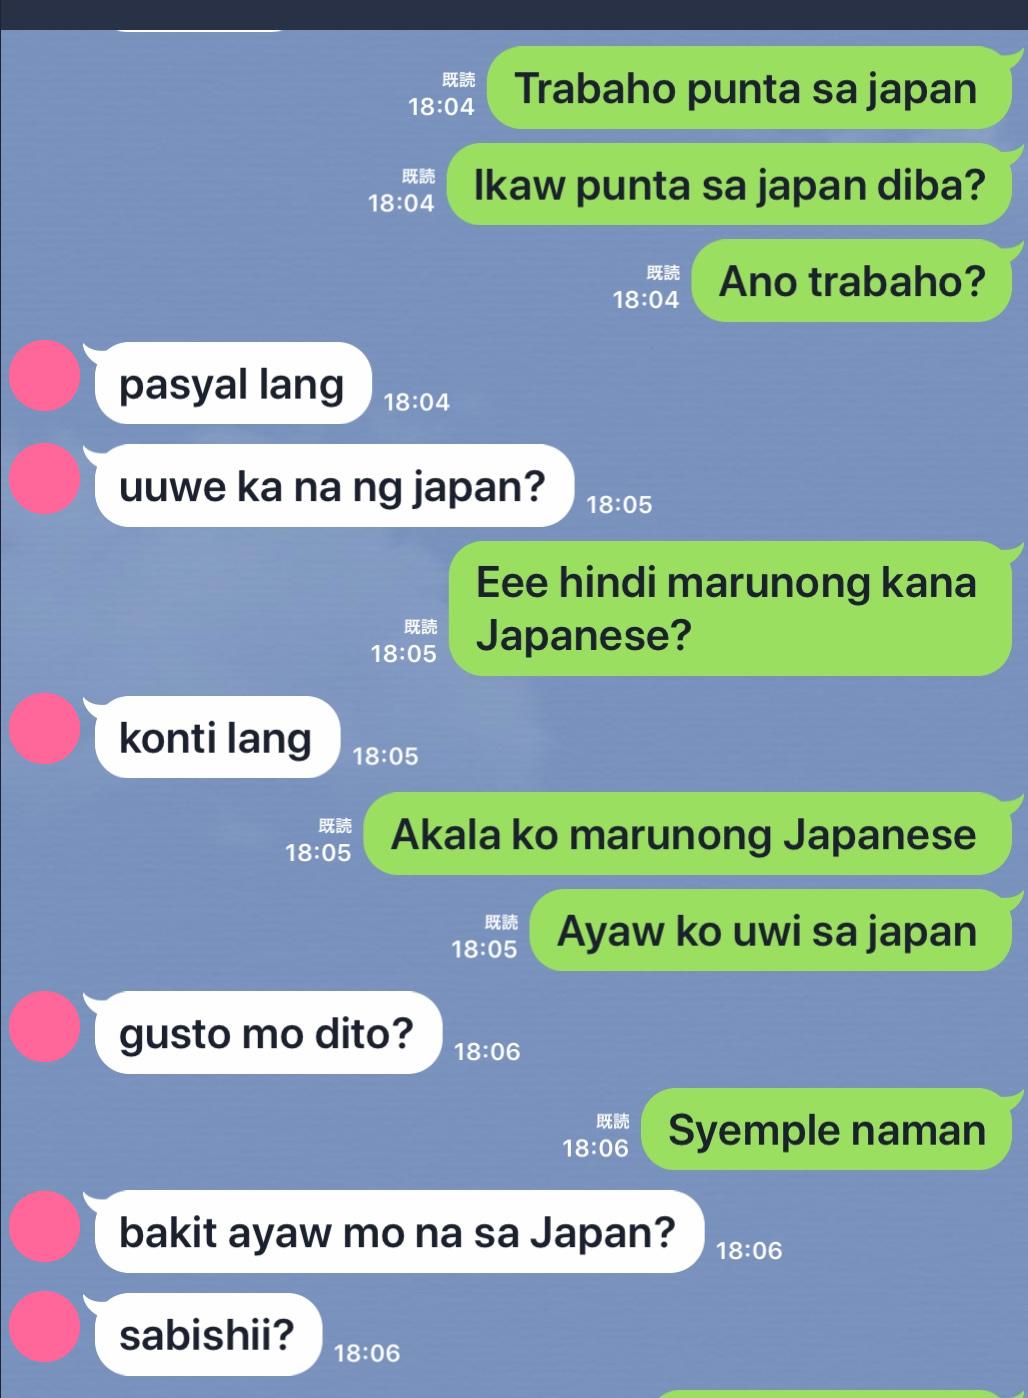 フィリピーナとのメッセージ画面